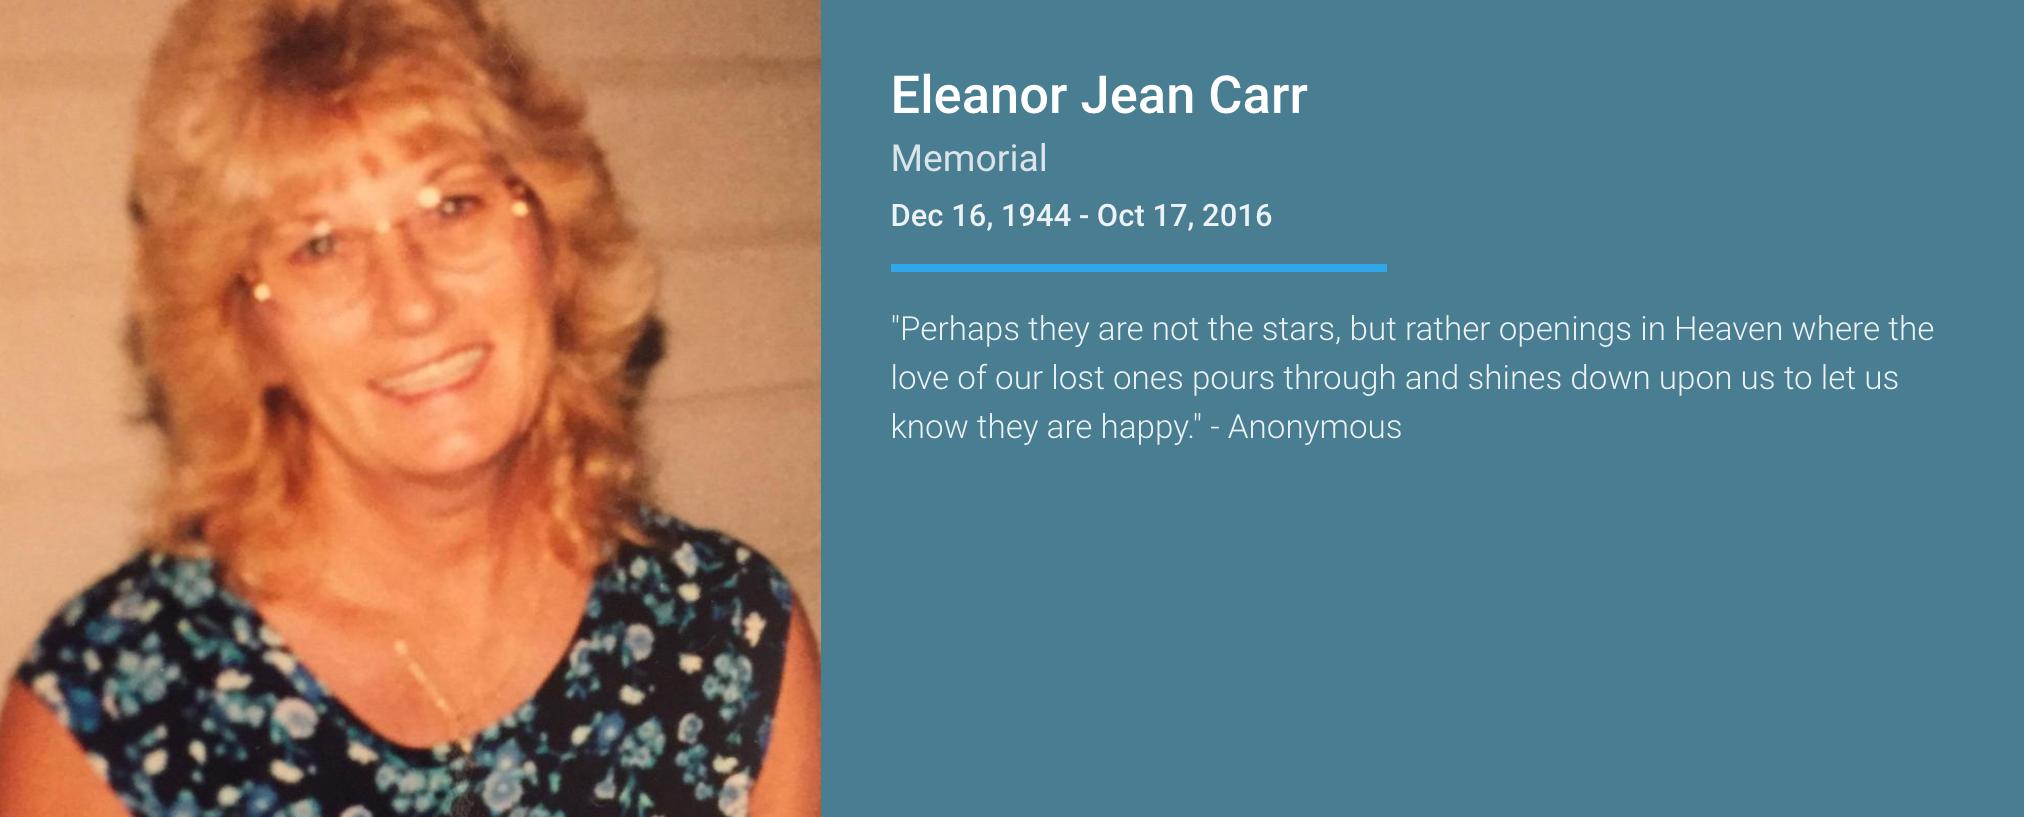 Eleanor Jean Carr